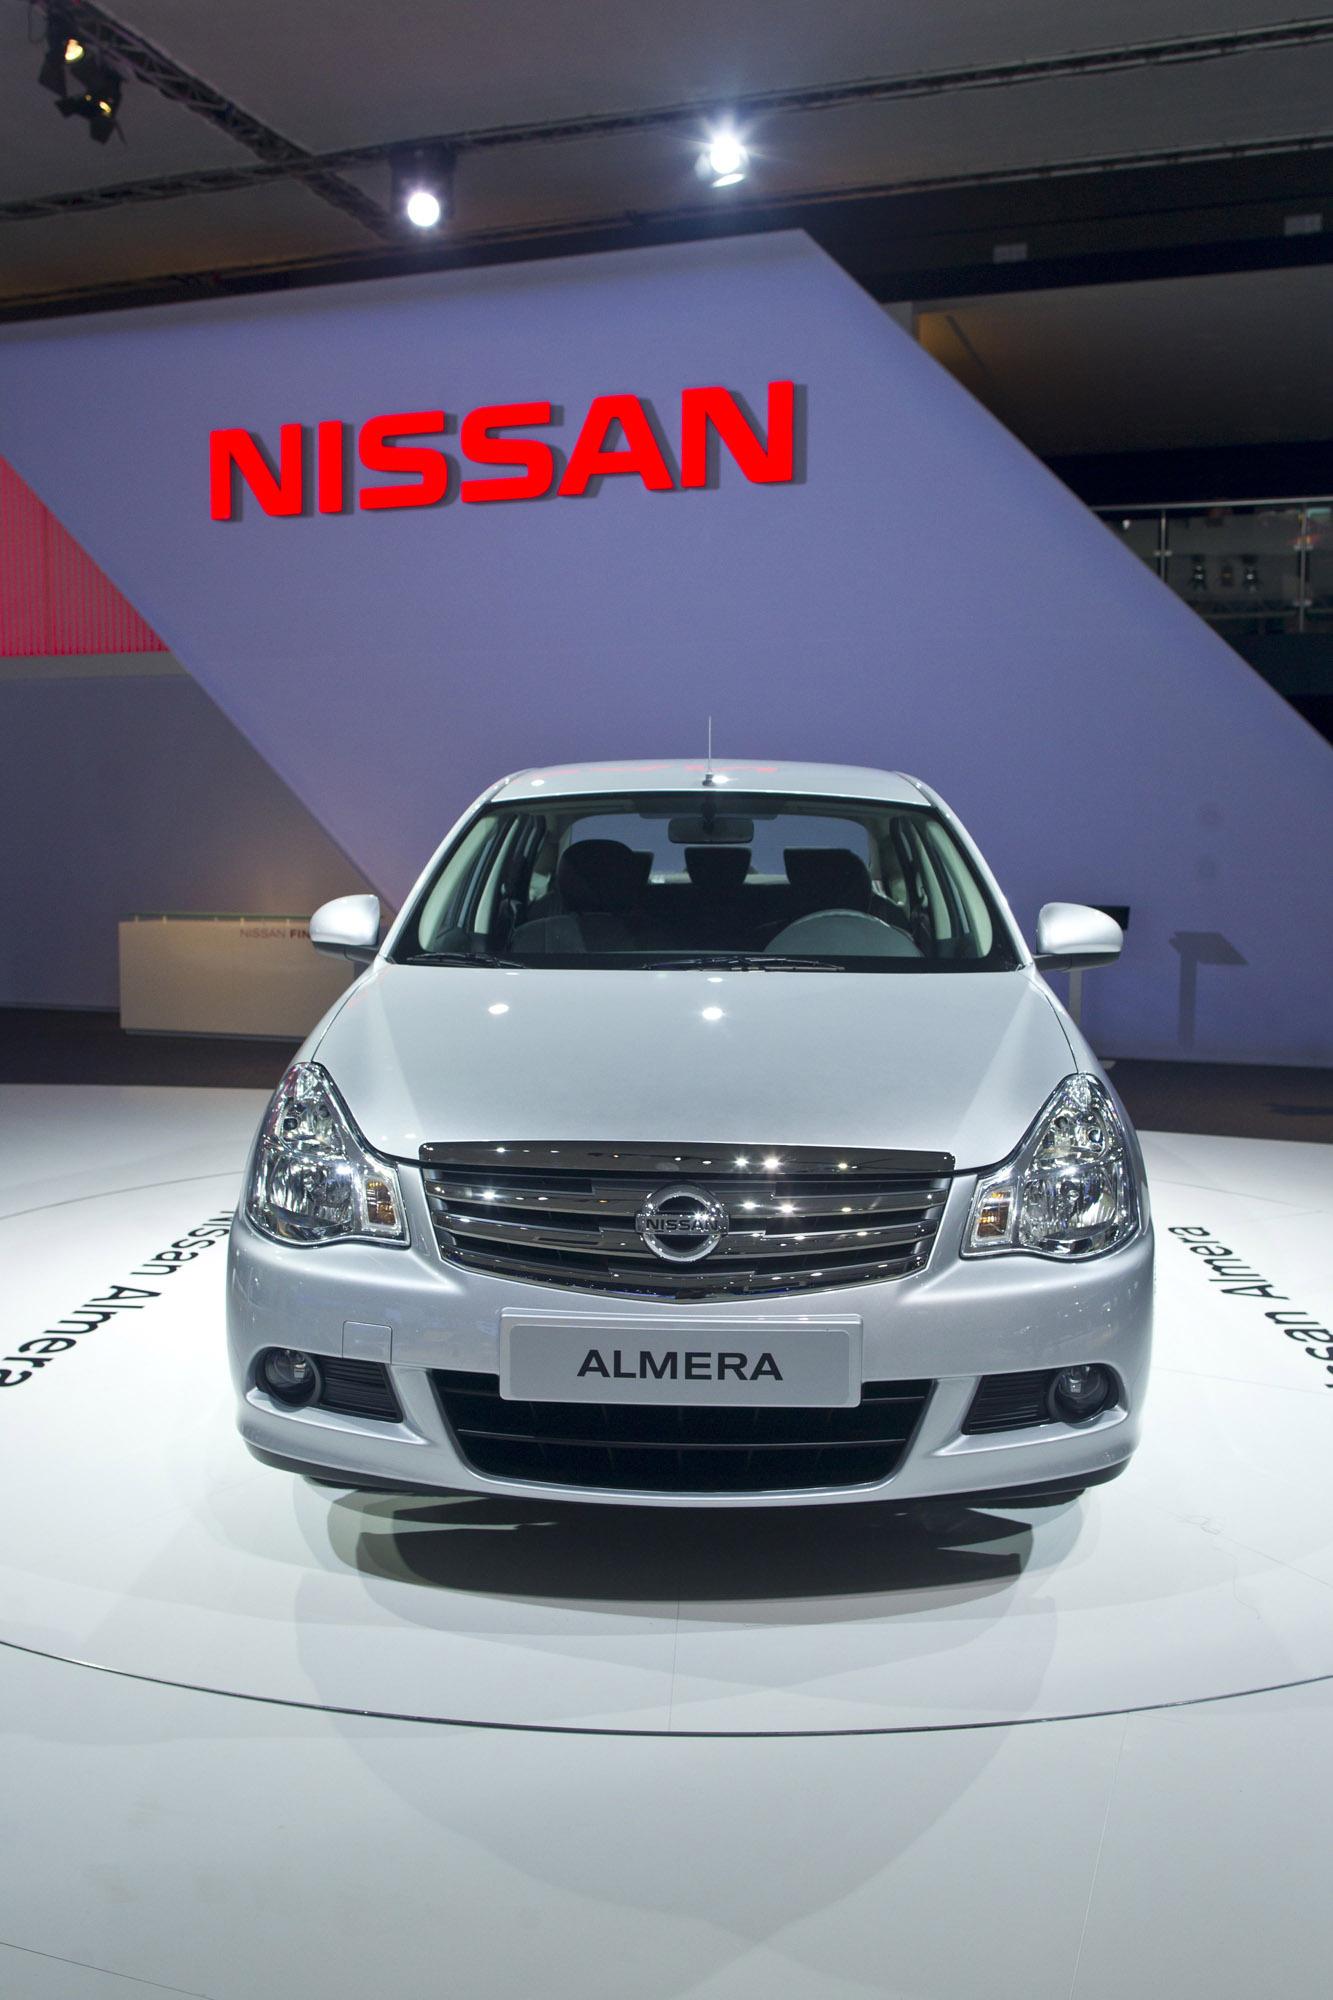 2013 Nissan Almera for Russia [video]